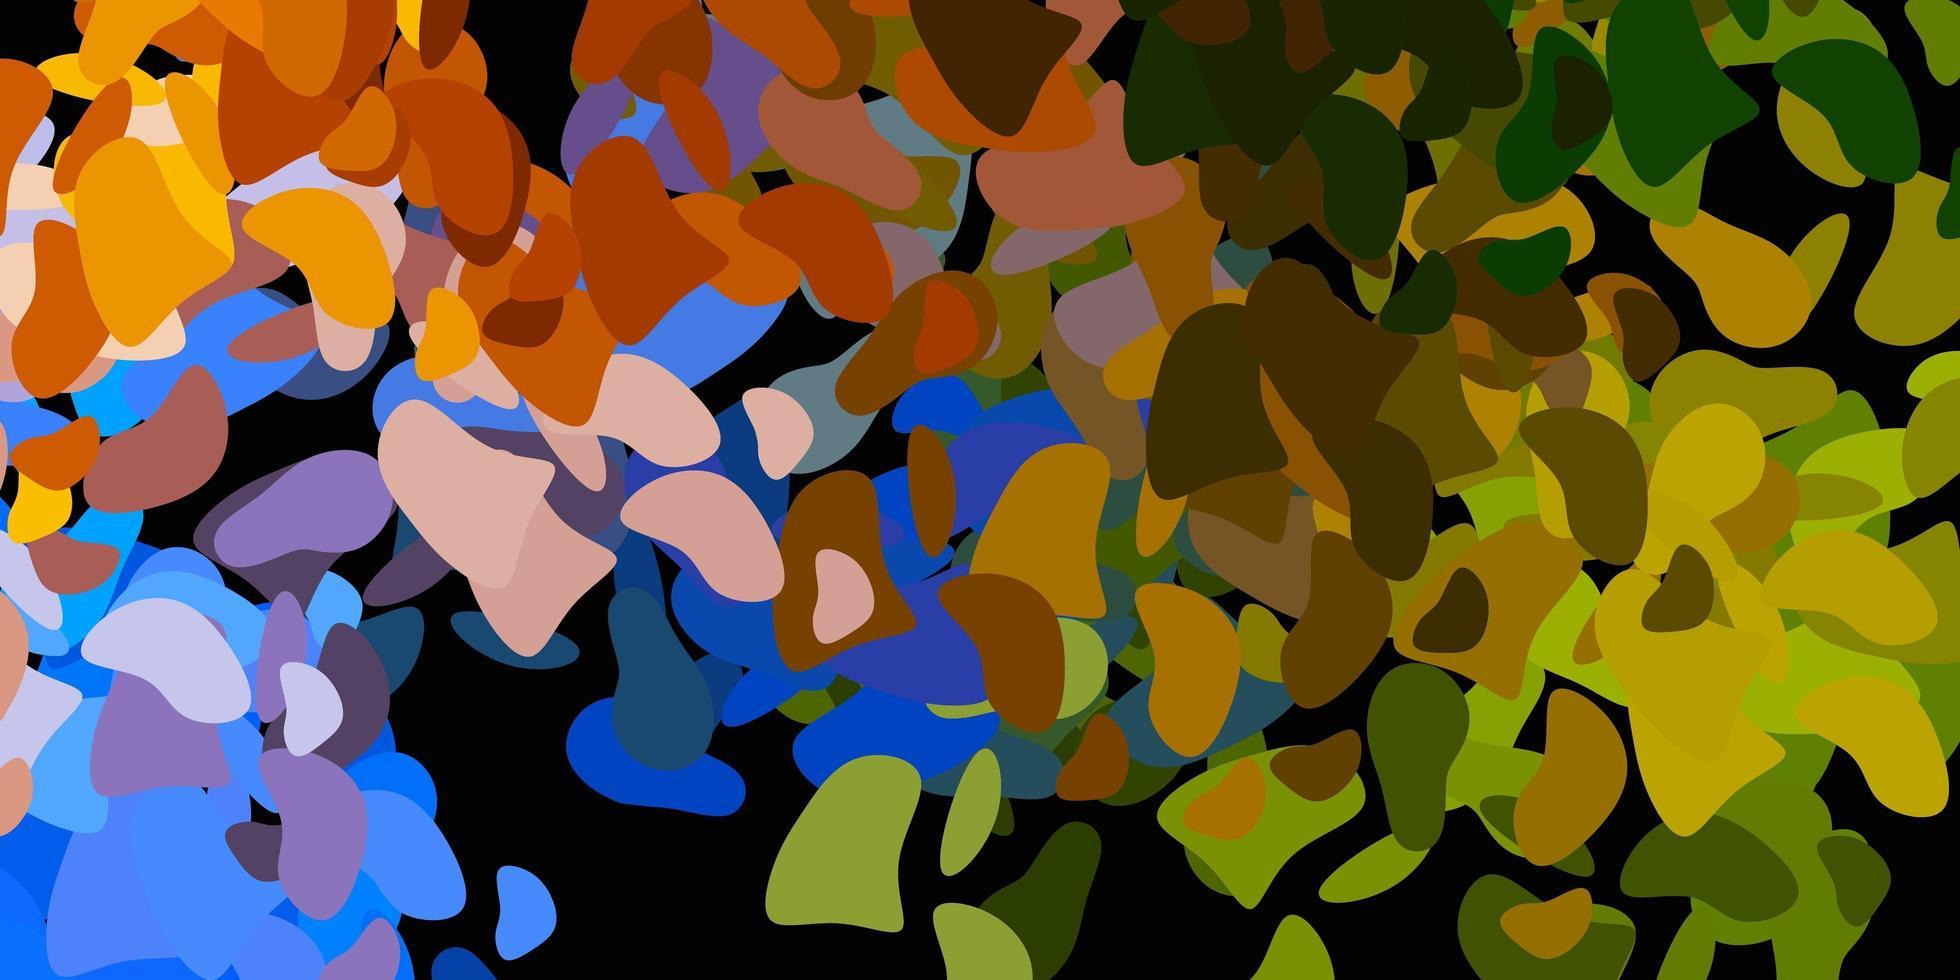 hellblauer, gelber Vektorhintergrund mit chaotischen Formen. vektor